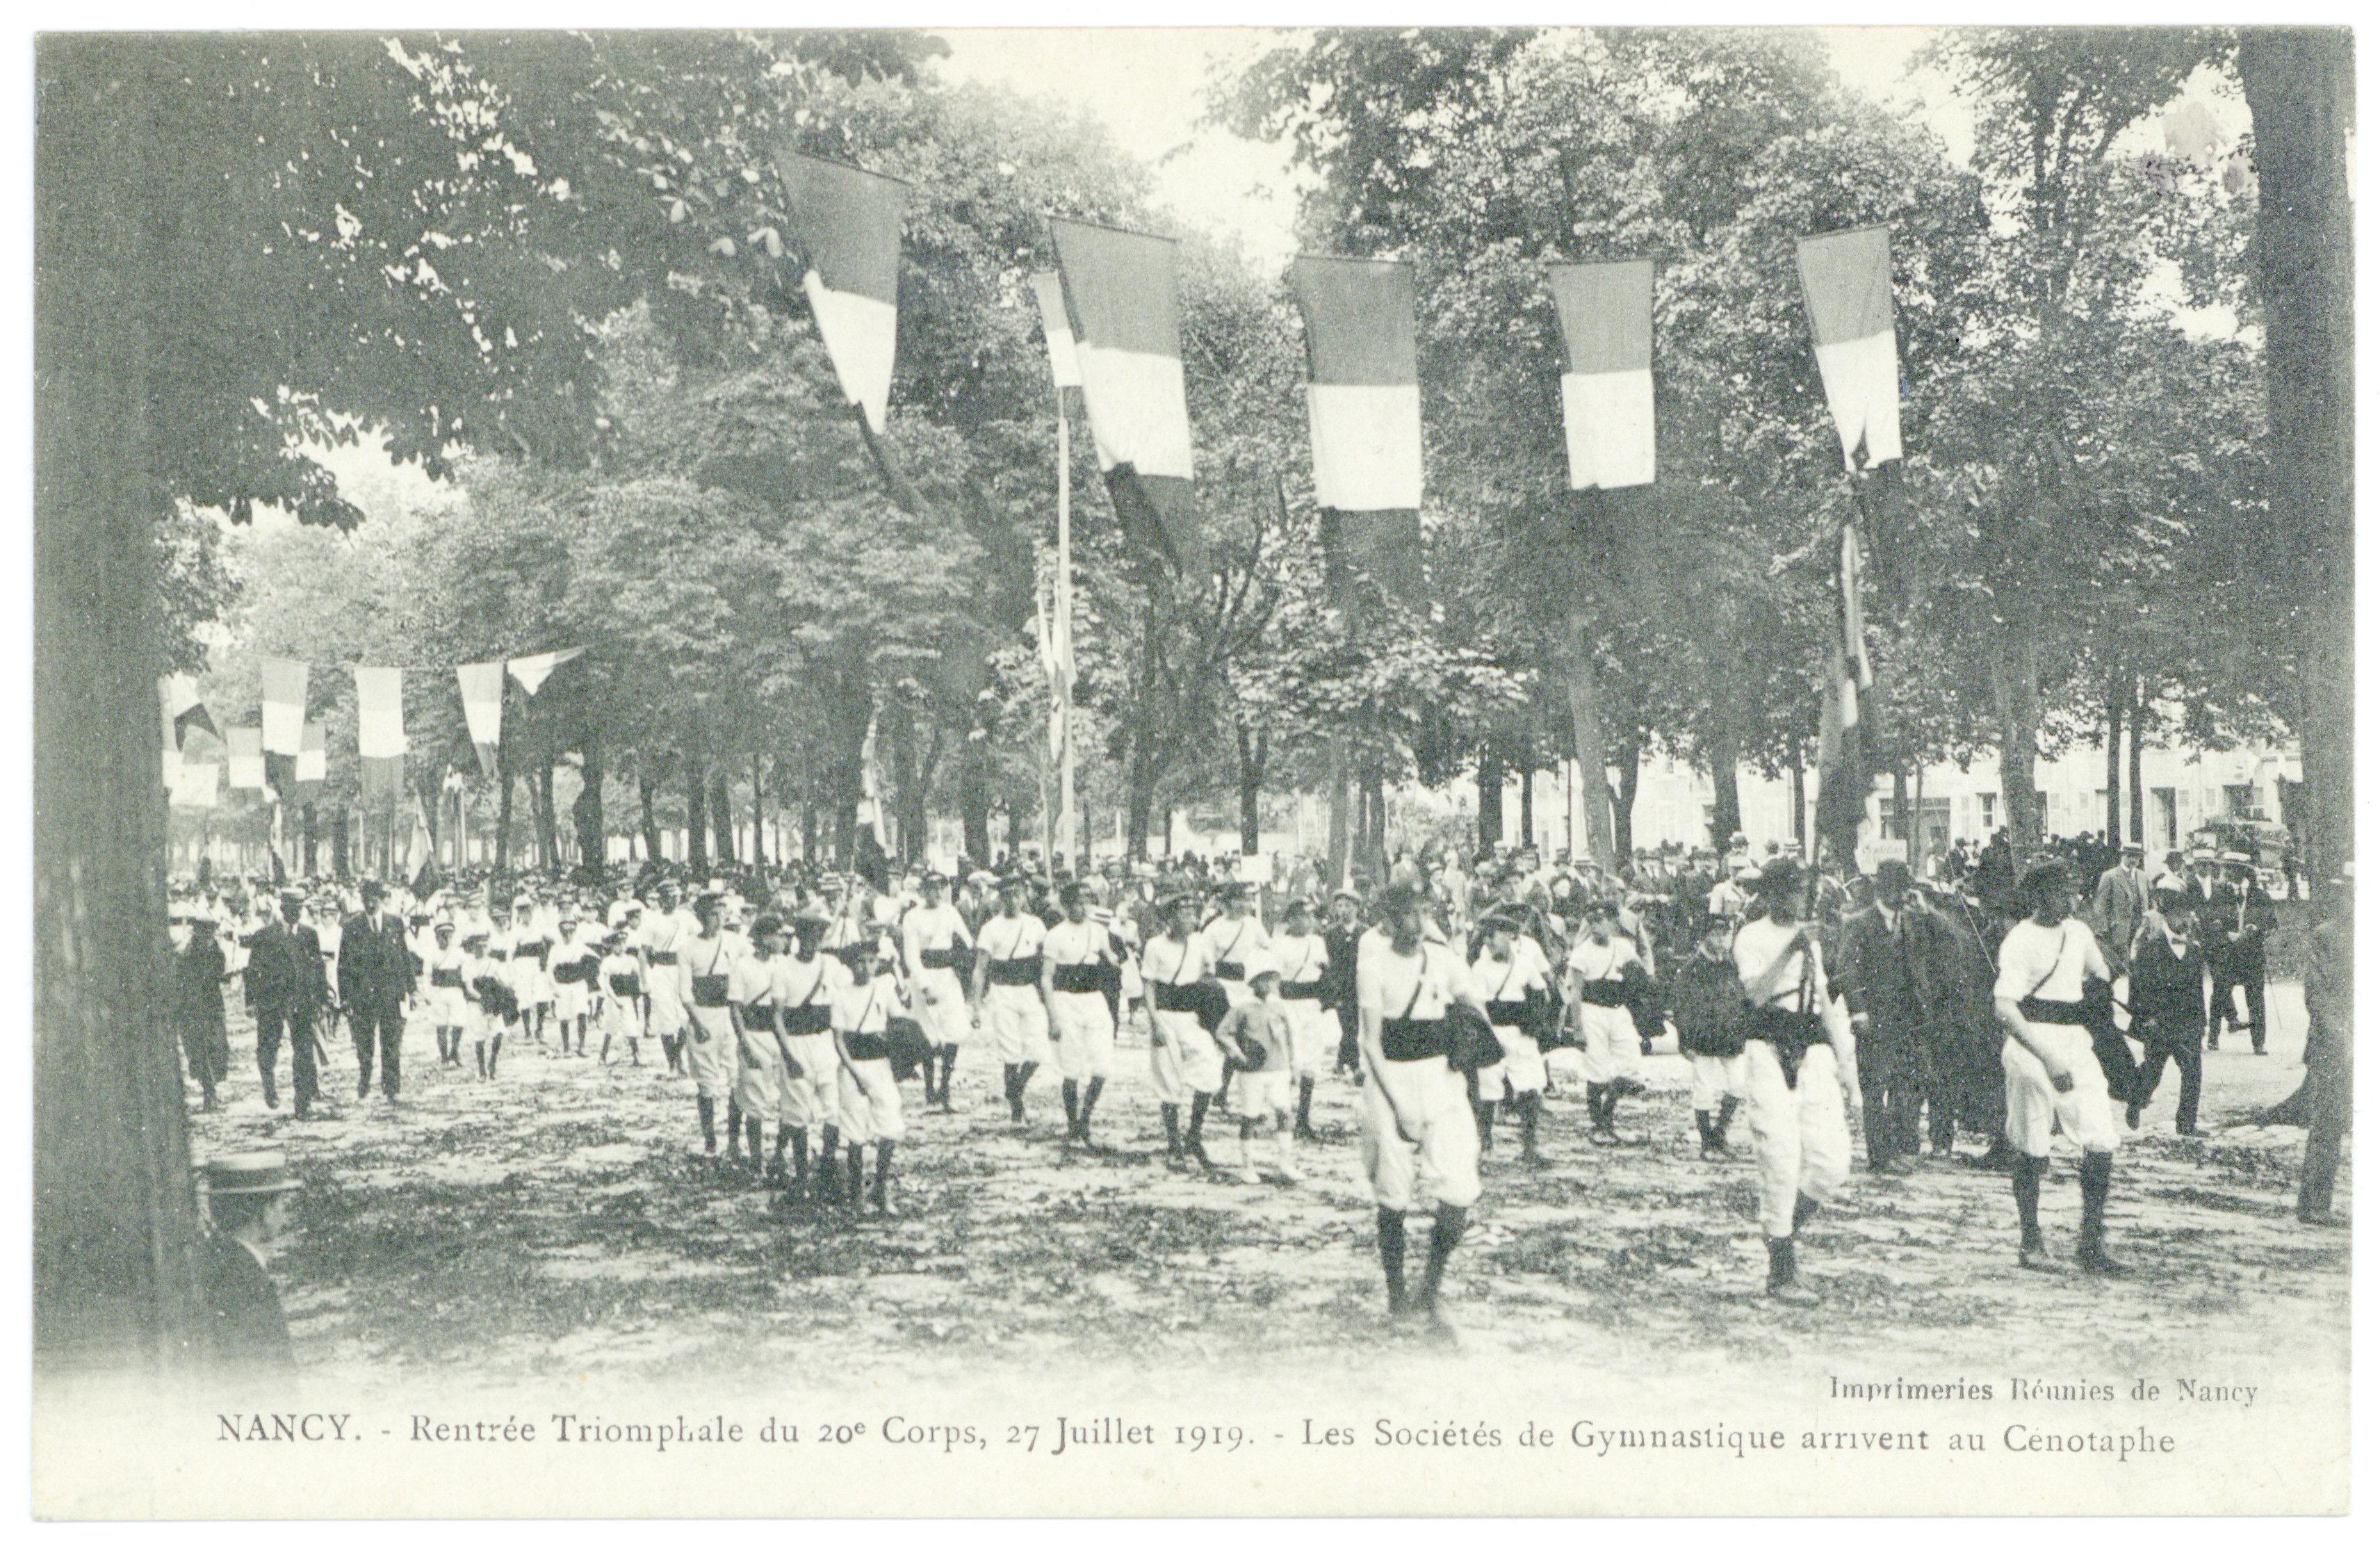 Contenu du Les sociétés de gymnastique arrivent au cénotaphe. Nancy : rentrée triomphale du 20e corps, 27 juillet 1919